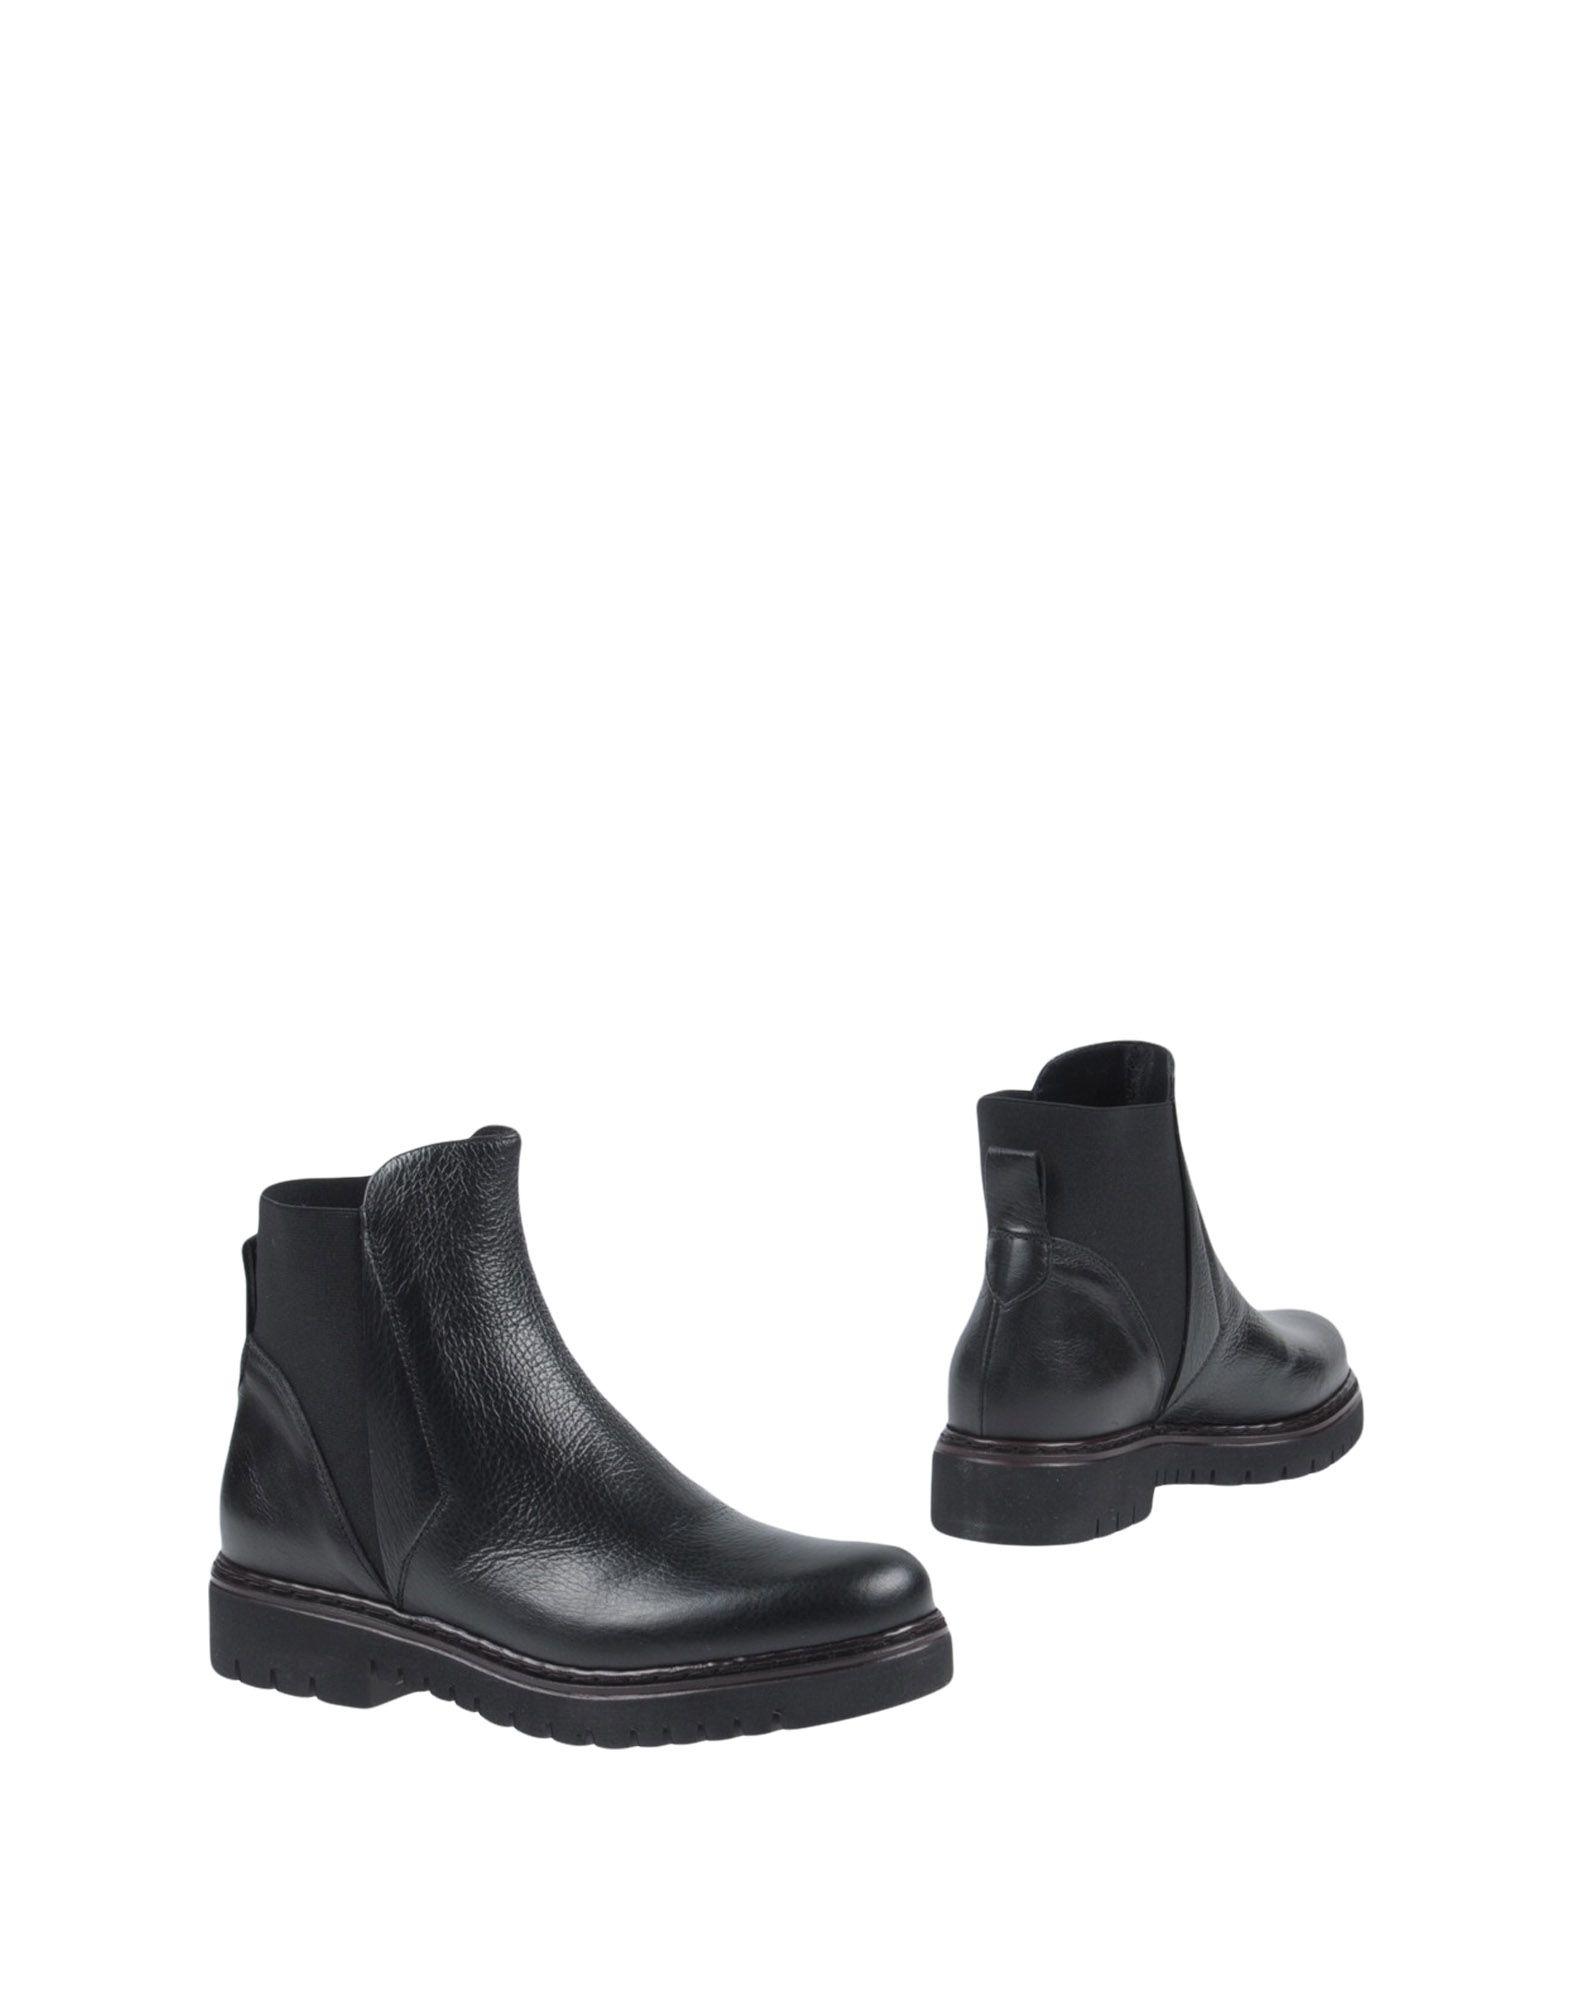 EMANUELA PASSERI レディース ショートブーツ ブラック 35 革 / 伸縮繊維